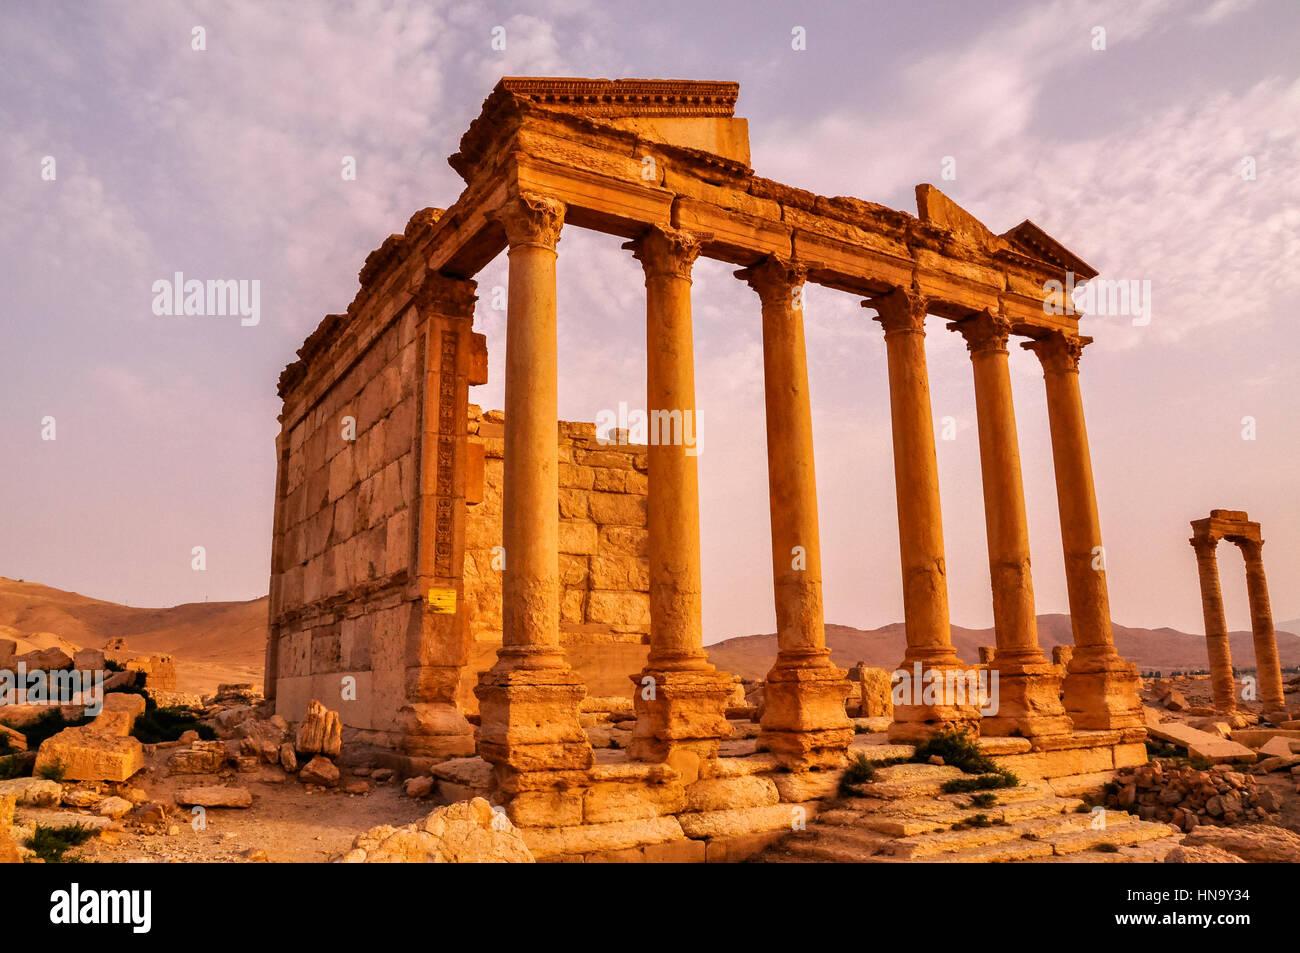 Antico tempio di Palmyra, Siria Immagini Stock